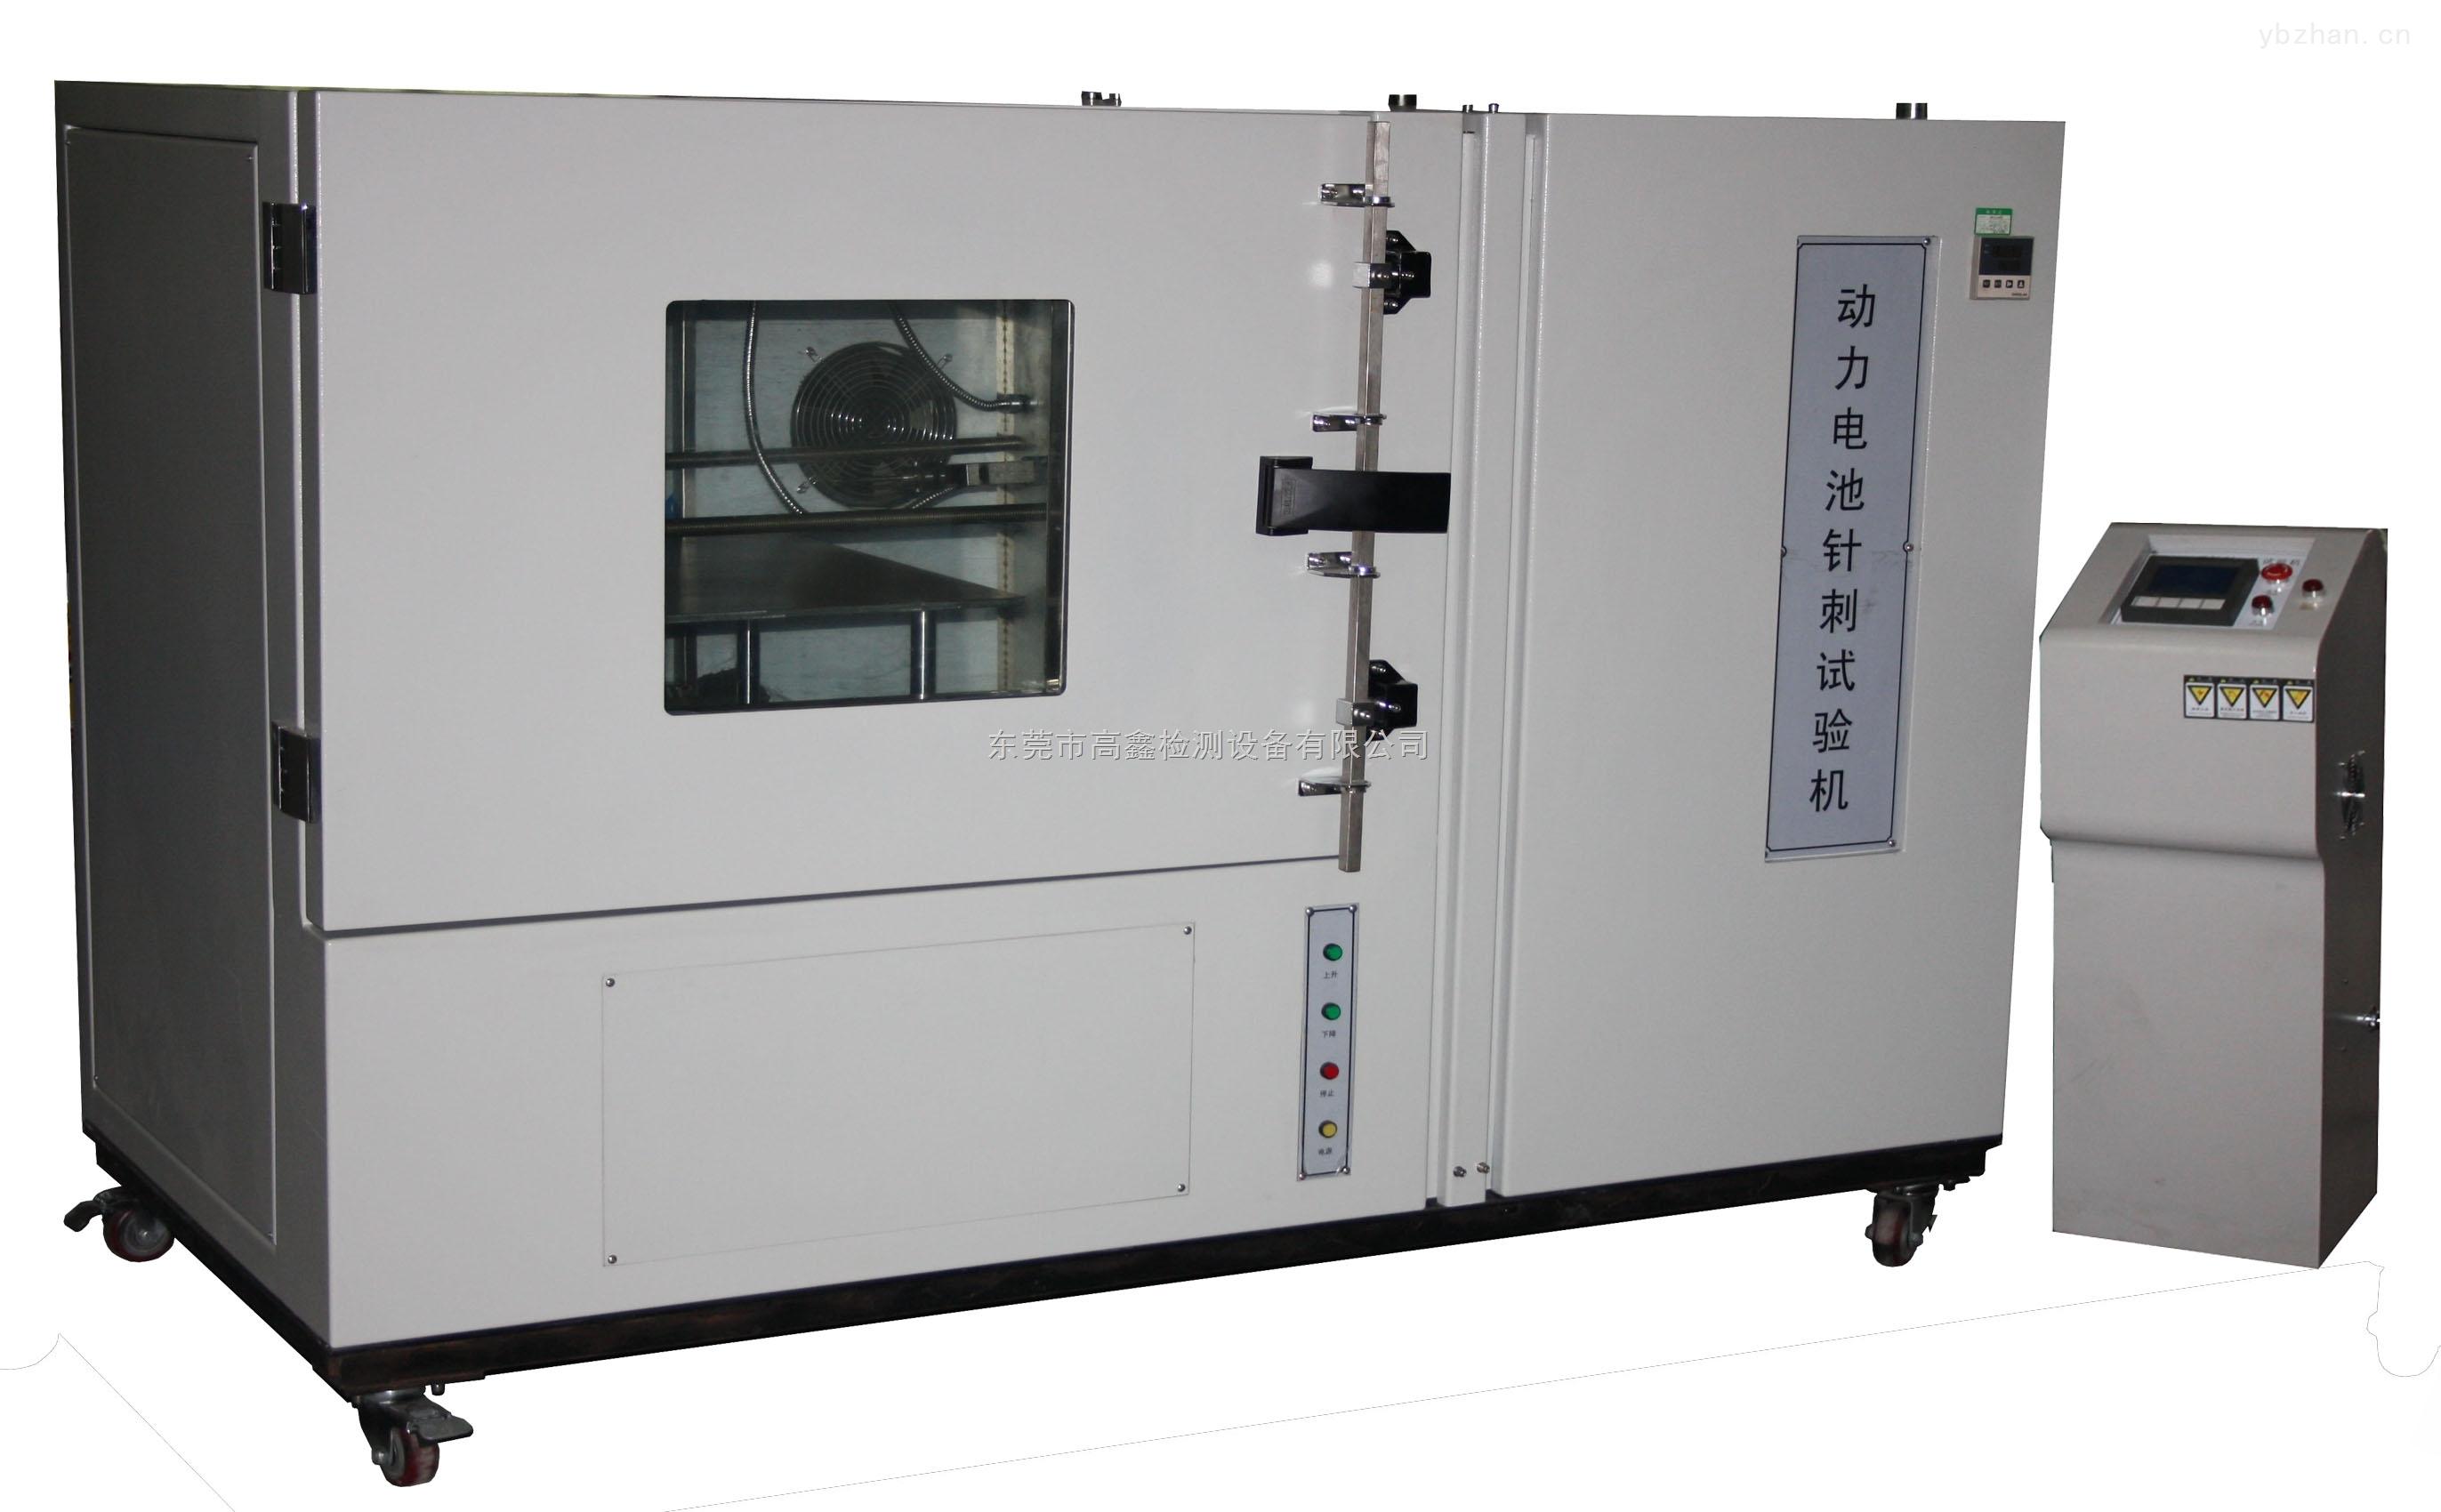 产品名称:【ZJC-100KV橡胶塑料击穿电压测试仪(10万伏)】 控制方式:【计算机】 一、【满足标准】:橡胶塑料击穿电压测试仪 满足GB1408.1-2006《绝缘材料电气强度试验方法,第1部分;工频下试验》 第2部分:对应用直流电压试验的附加要求》、GB/T1695-2005《 硫化橡胶工频击穿电压强度和耐电压的测定方法》、GB/T 3333-1999《电缆纸工频击穿电压试验方法》、HG/T 3330绝缘漆漆膜击穿强度测定法、GB/T 12656-1990《电容器纸工频击穿电压测定法》、GB/T19